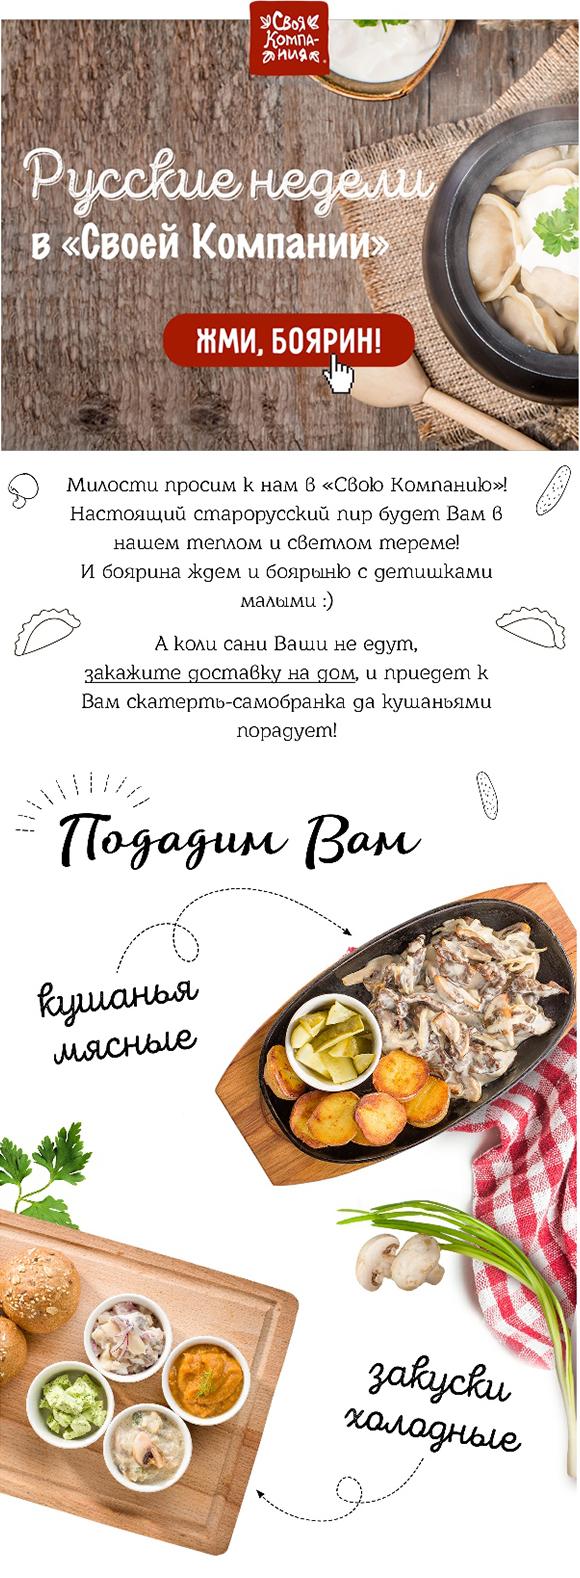 Ресторан «Своя компания» – Жми скорее и боярин и боярыня! Кушанья старорусские ждут тебя!